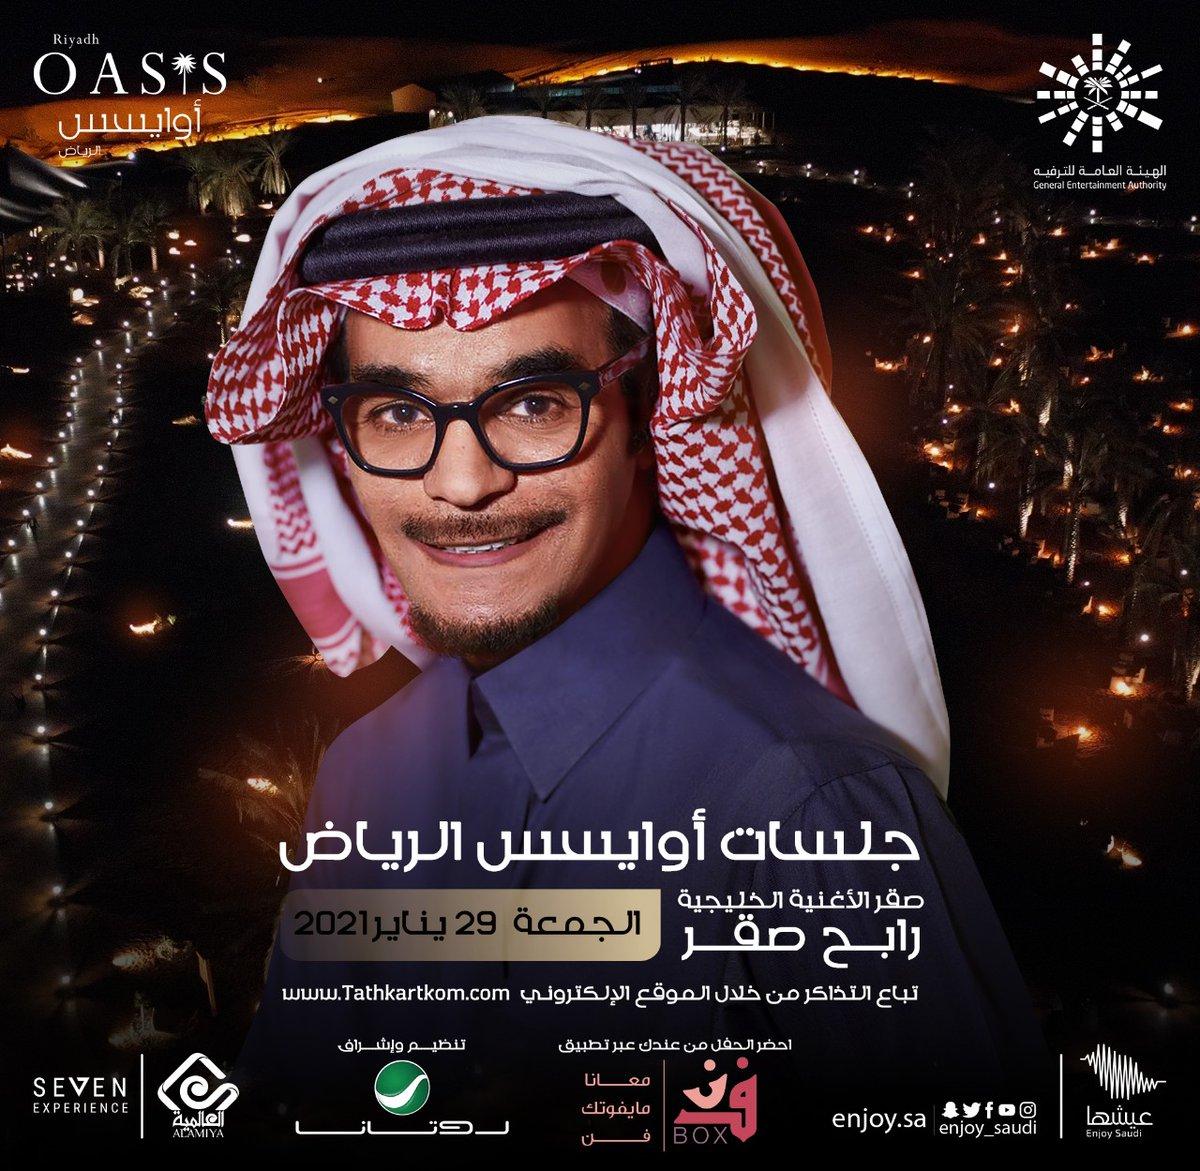 من واحة الرياض 🇸🇦 سهرتنا هالمرة شتوية 🔥⛺️ مع صقر الأغنية الخليجية 🦅  🗓 ٢٩ يناير  قريباً سنعلن عن موعد بيع التذاكر عبر موقع    الحفل منقول اونلاين عبر تطبيق فنBox📲   #اوايسس_الرياض @RabehSaqer  @Enjoy_Saudi  @GEA_SA  @FannBoxApp